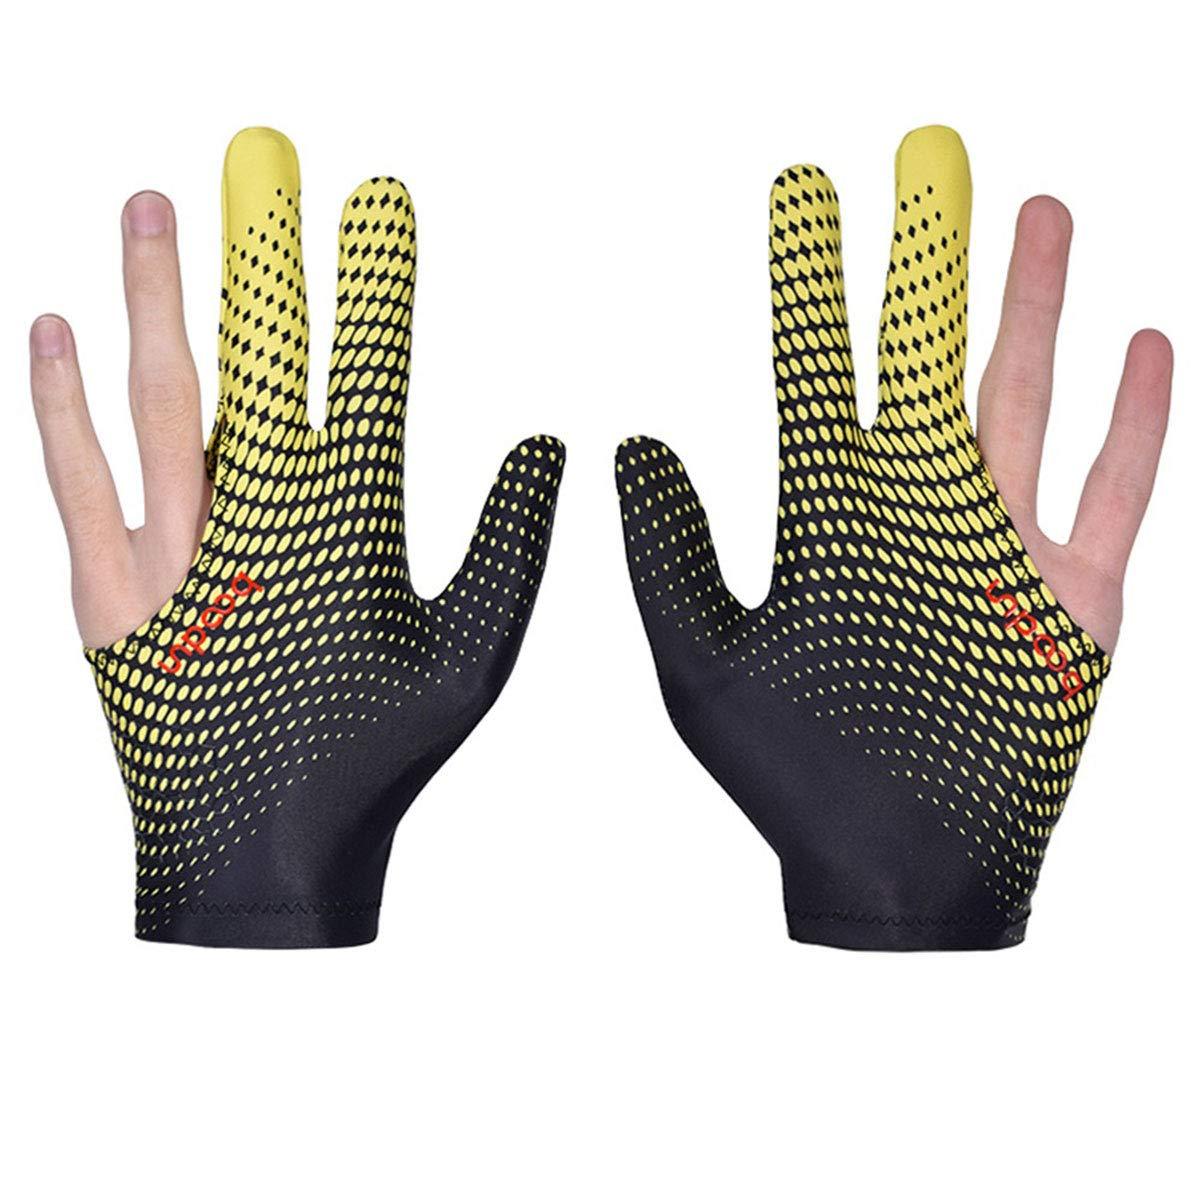 3-Finger-Billardpool Snooker Queuehandschuhe Billardzubeh/ör MHOYI Billardhandschuhe Snookerhandschuhe Linksh/änder Billard-Poolhandschuhe